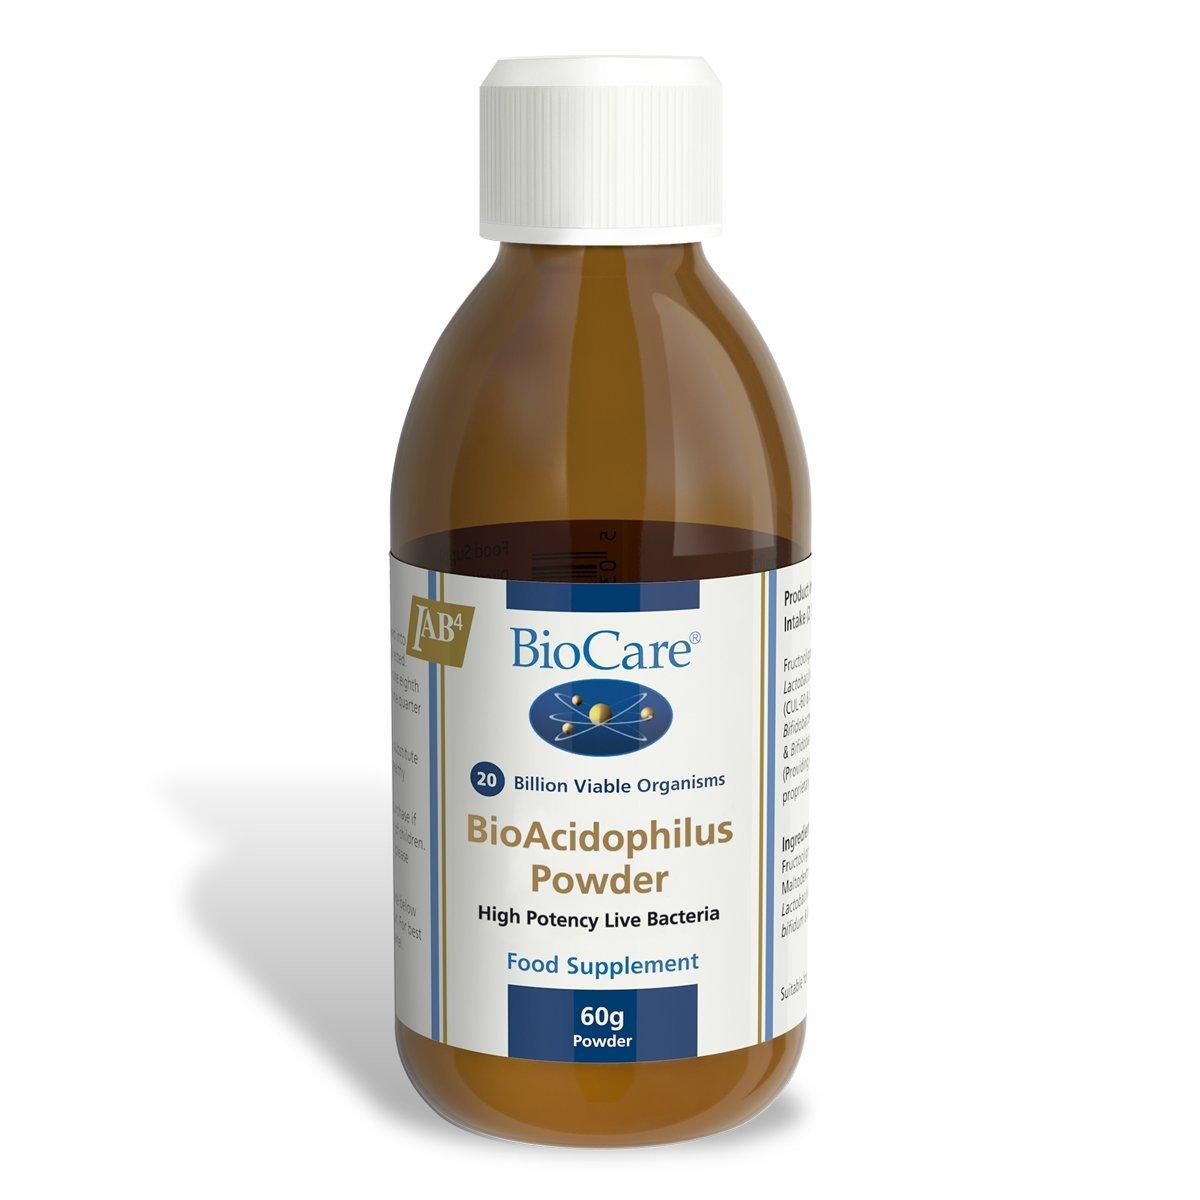 Biocare Bio-Acidophilus Powder (Lactobacillus acidophilus & B. bifidum with fructooligosaccharides) 60g powder